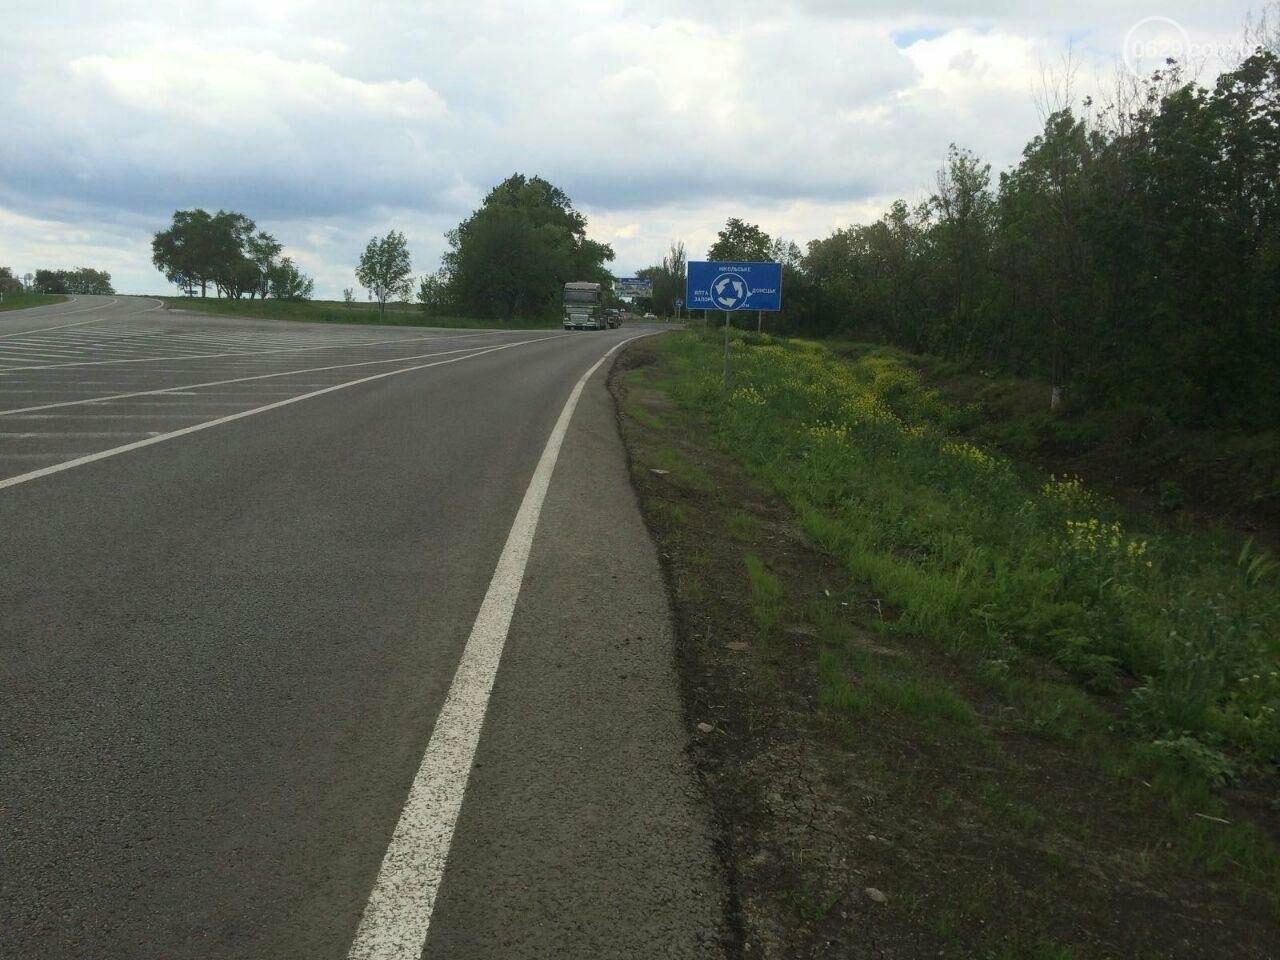 """""""Убивают трассу!"""" Горожане жалуются на фуры на отремонтированной дороге Мариуполь - Запорожье, - ФОТО, фото-3"""